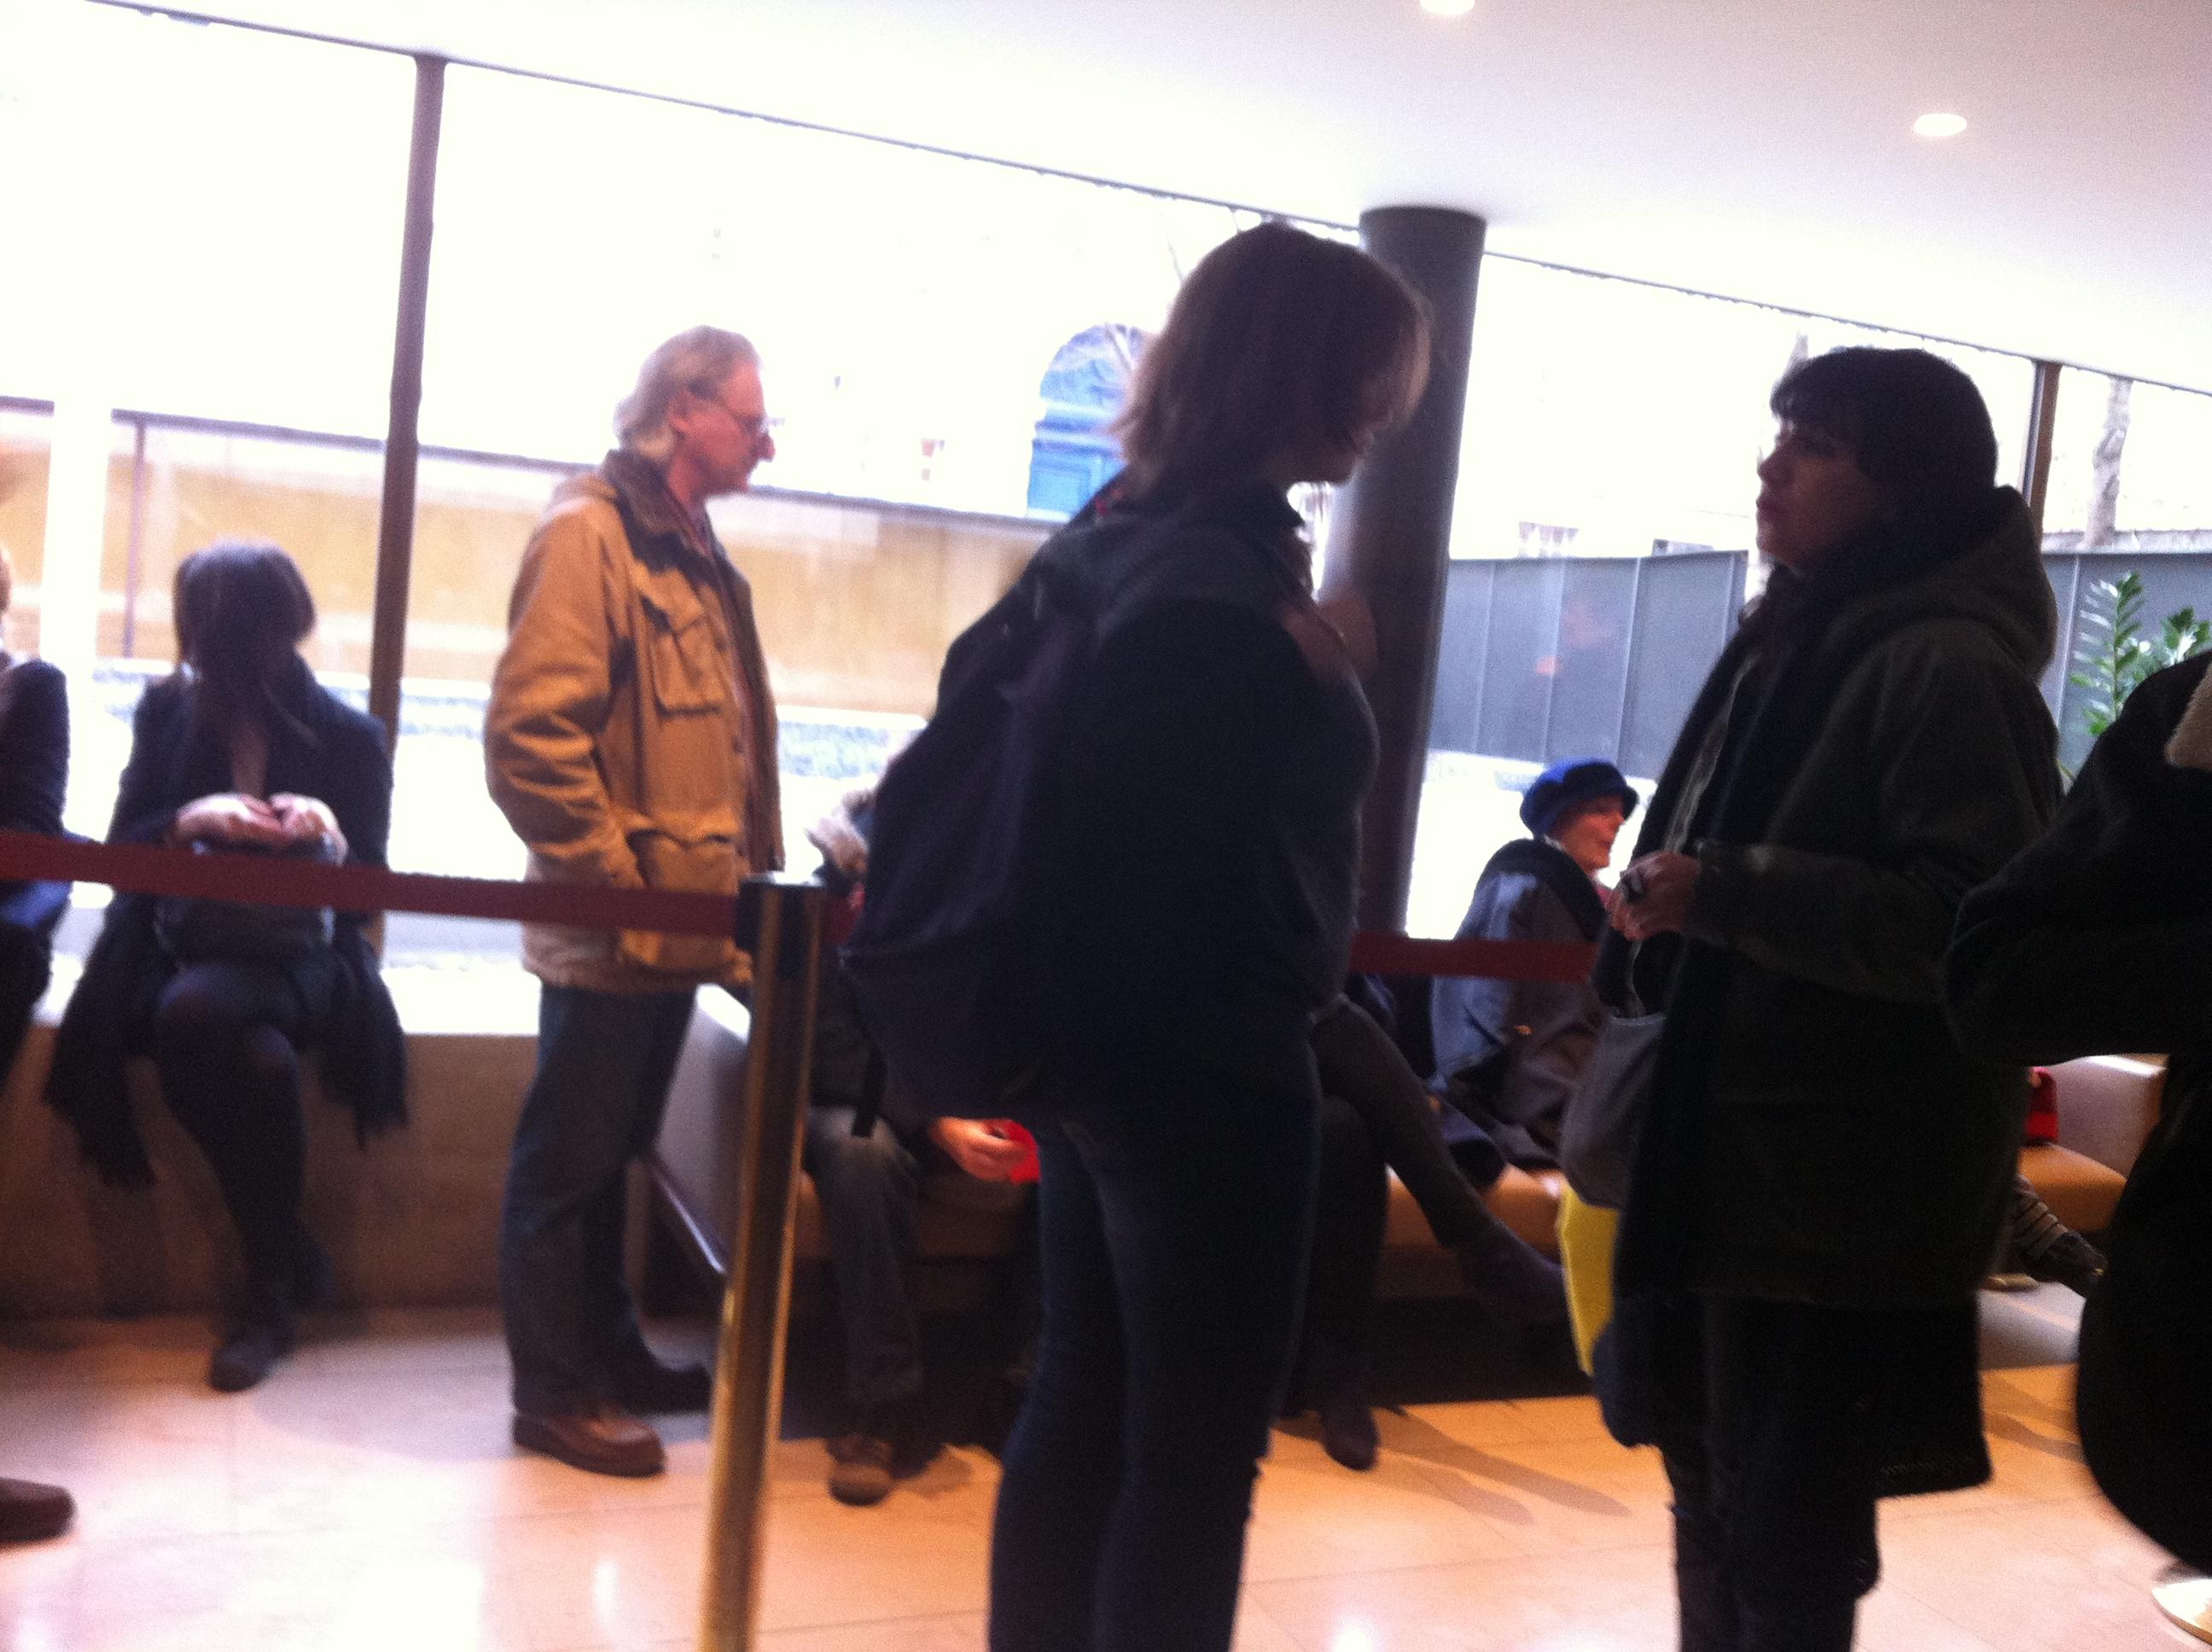 Dans le hall, parmi d'autres journalistes, en attendant l'ouverture de l'expo